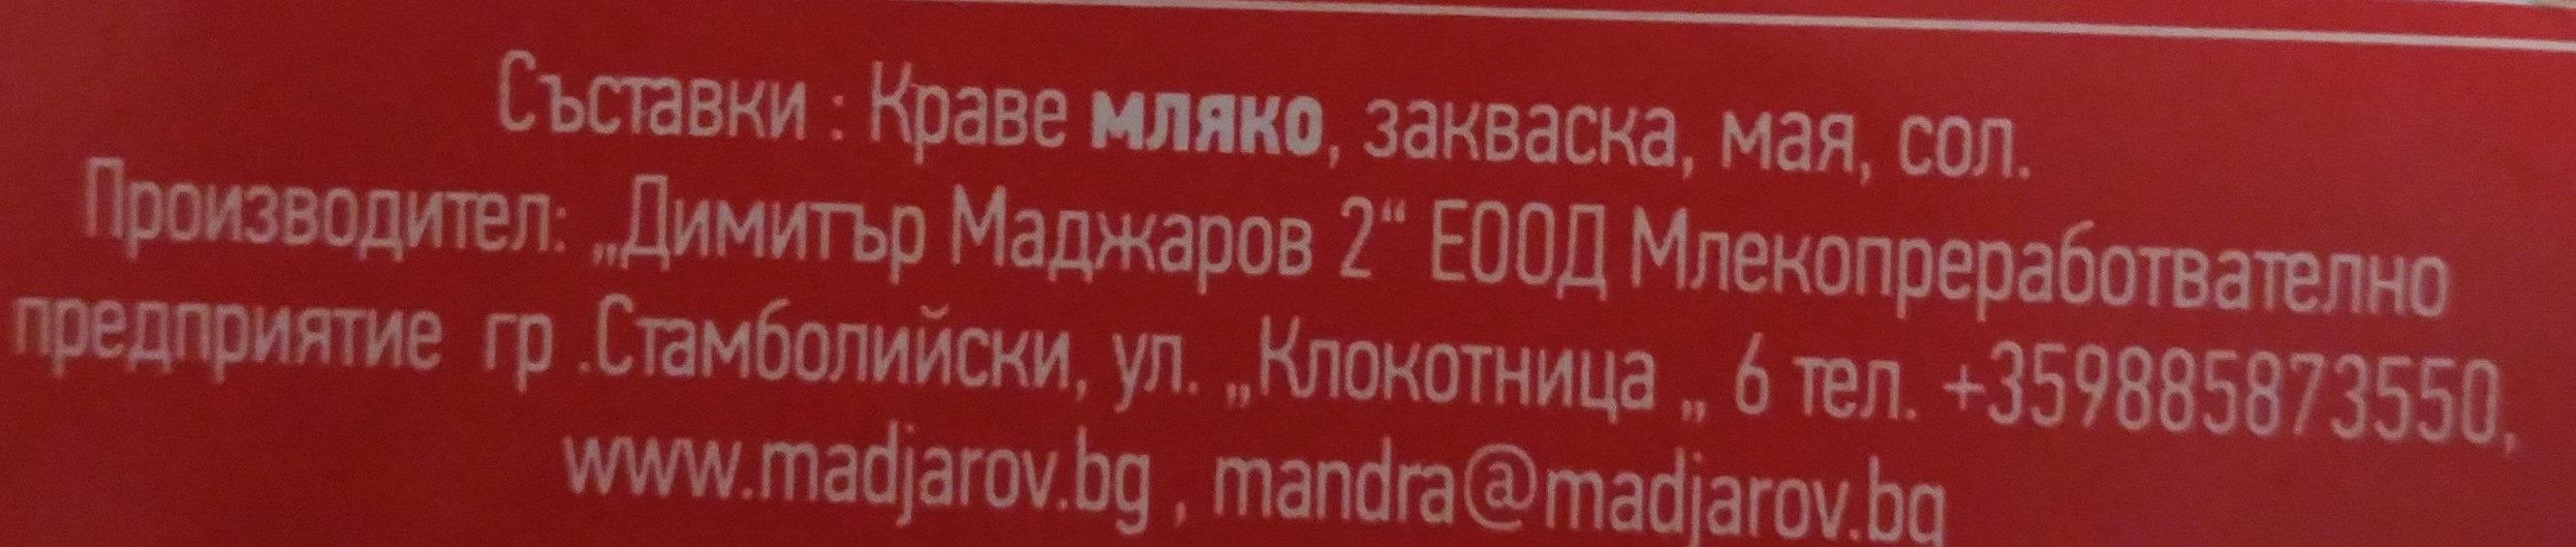 Български кашкавал от краве мляко - Съставки - bg